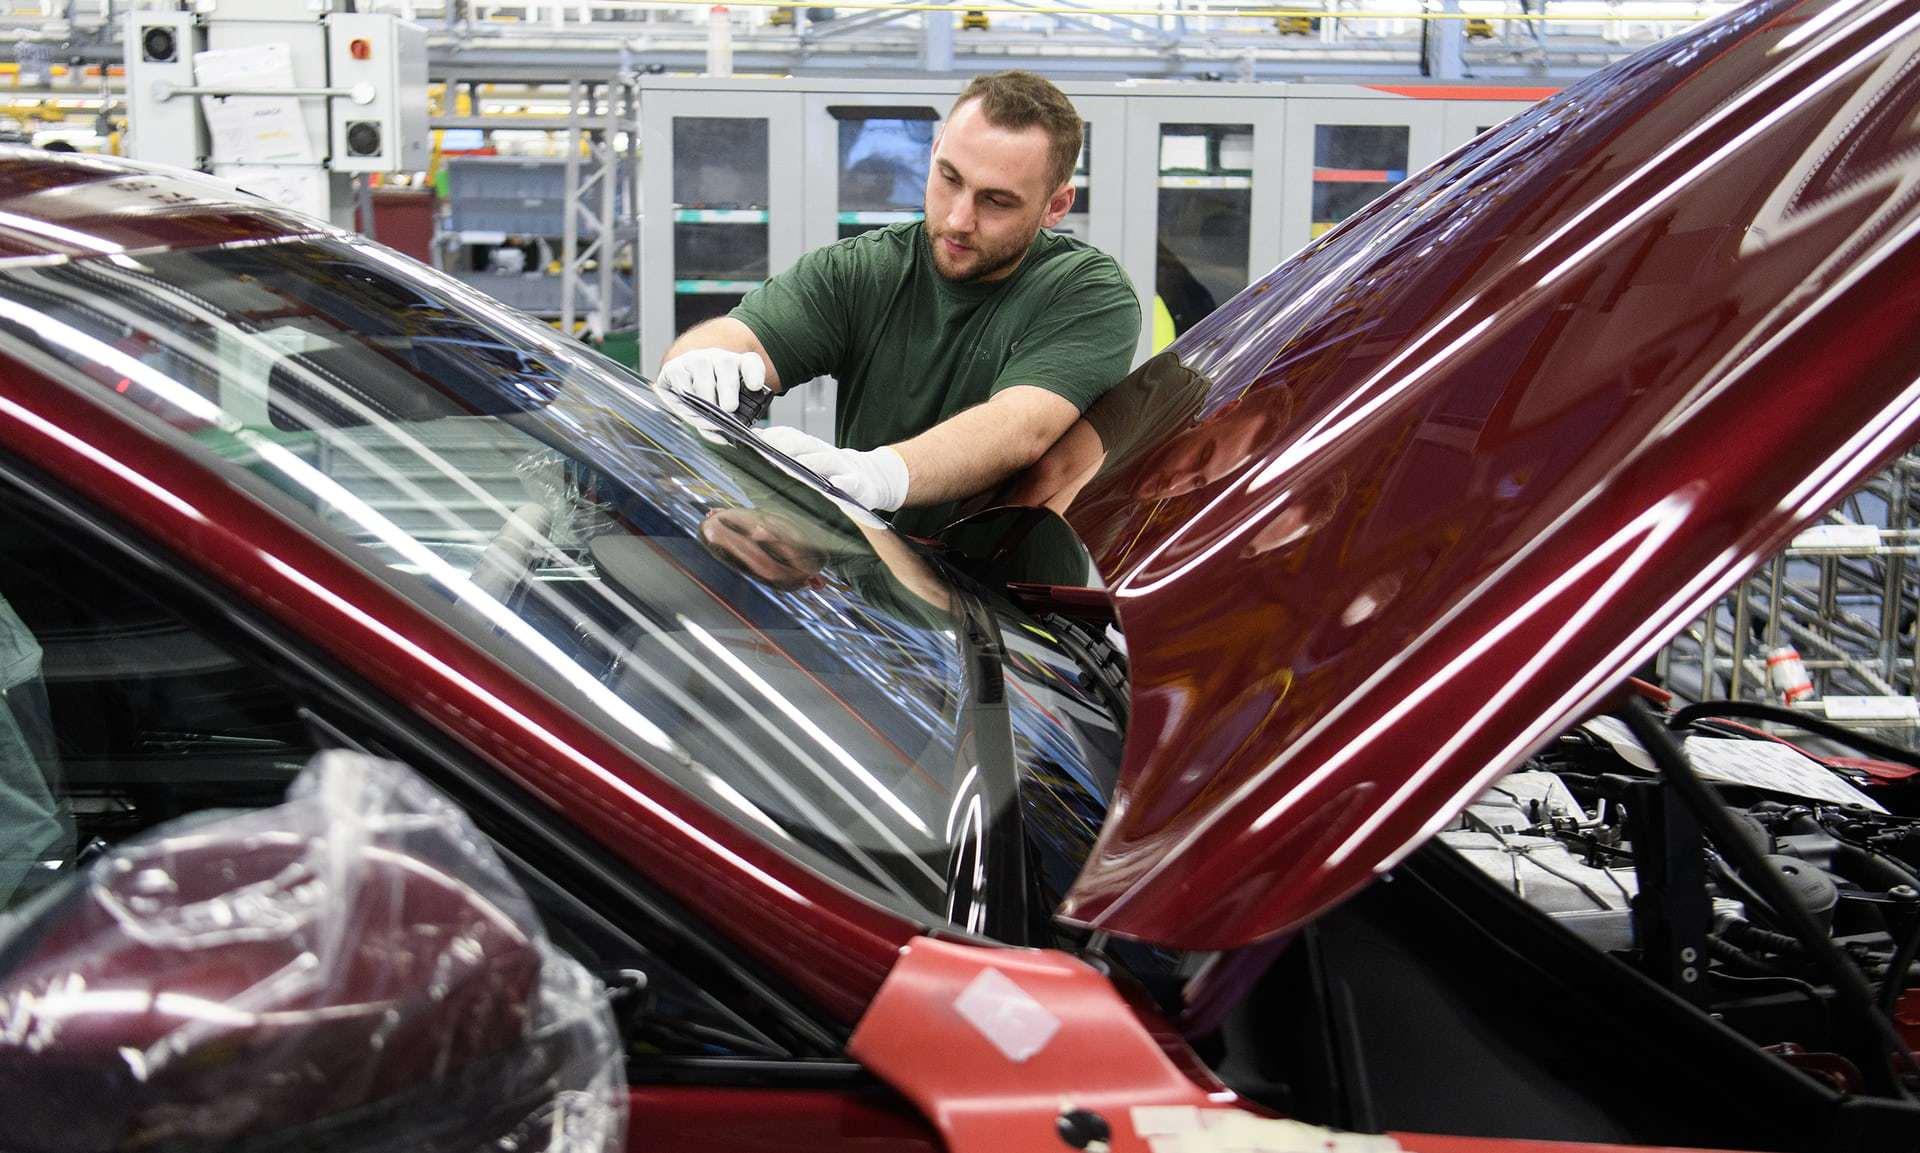 Reduceri de personal: Unul dintre cei mai mari producători auto se pregăteşte de concedieri masive